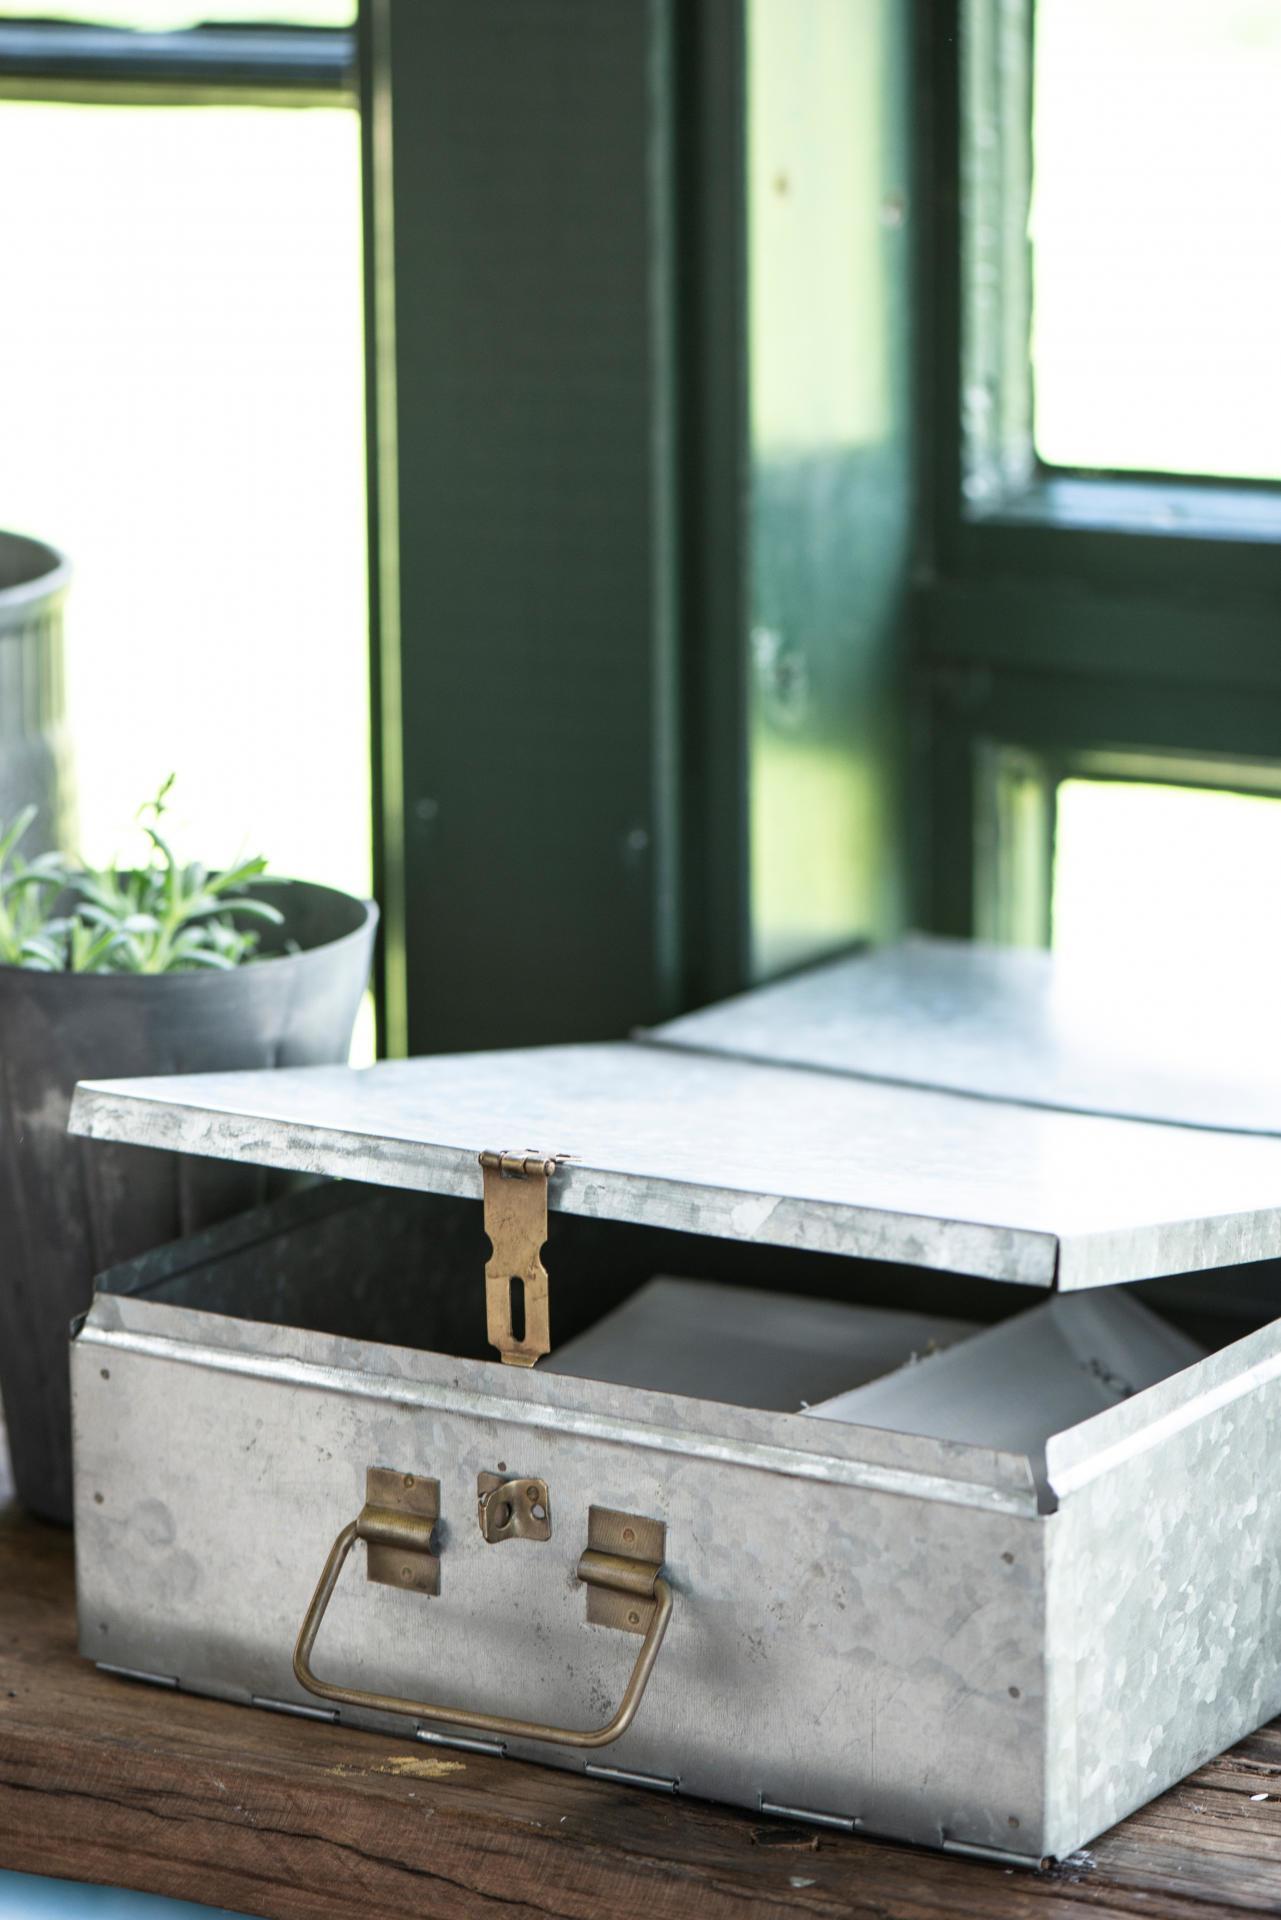 IB LAURSEN Velký úložný box Zinc, šedá barva, stříbrná barva, zinek